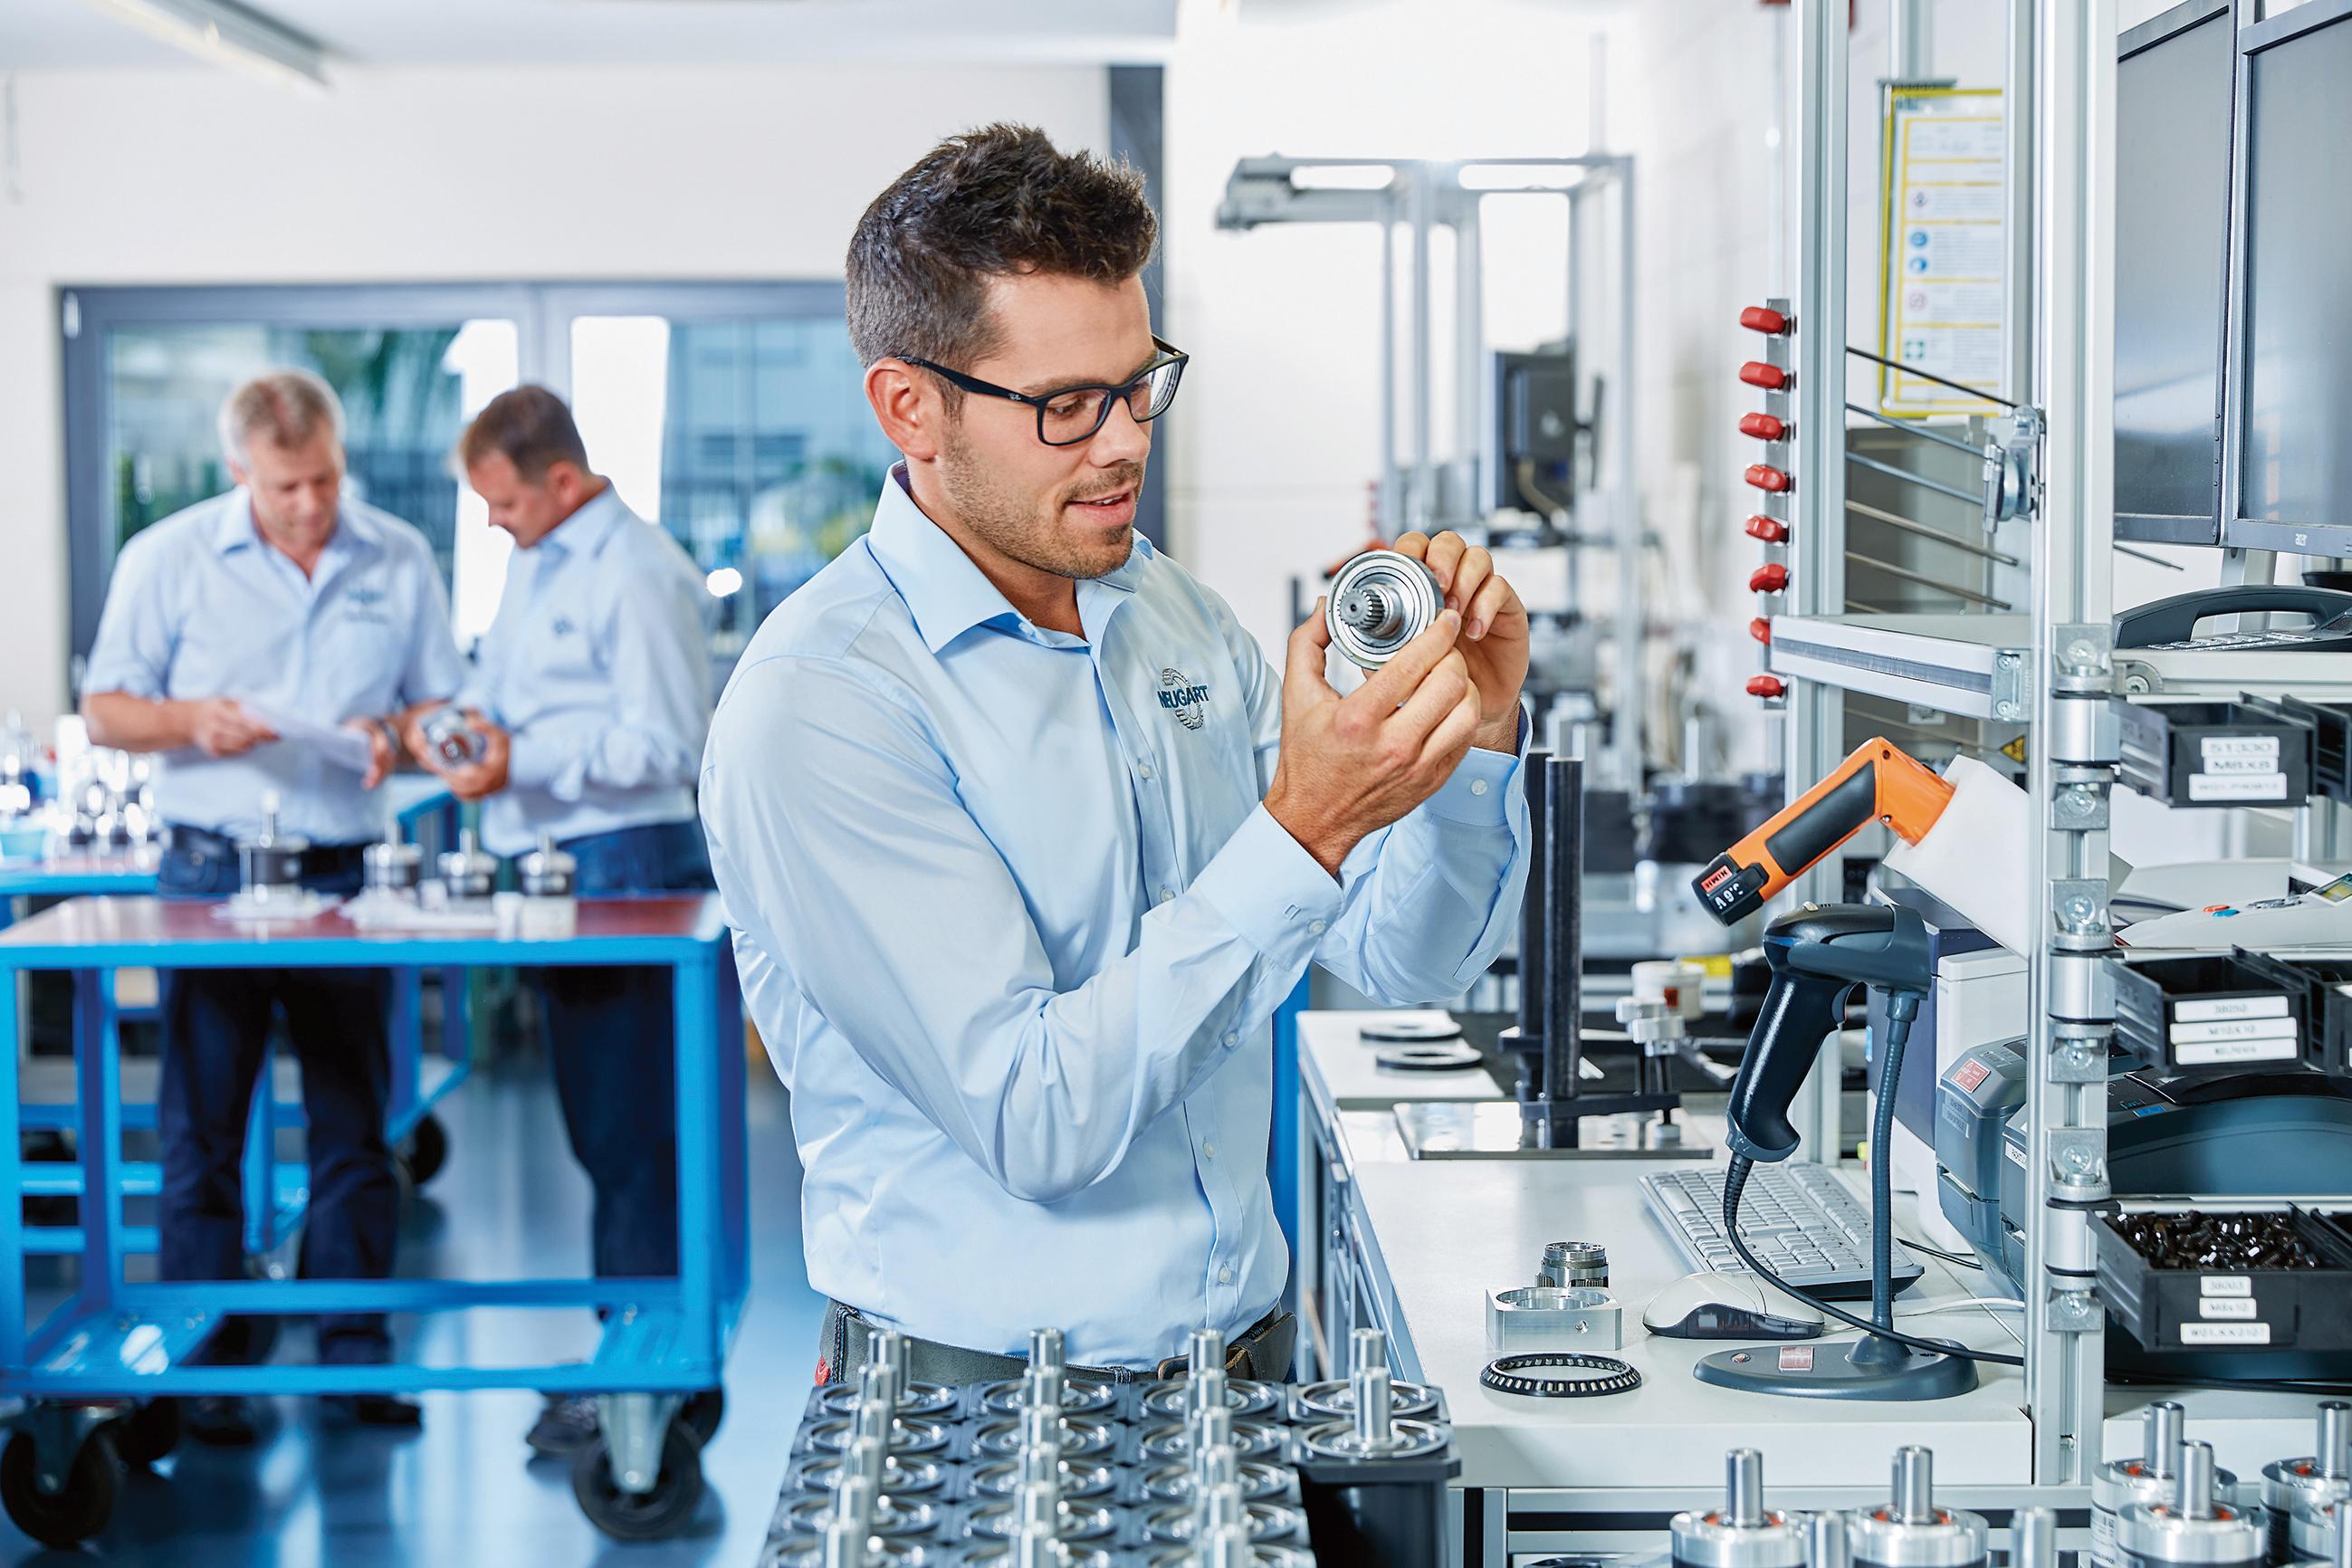 Réducteur/moteur : de la configuration à la maintenance